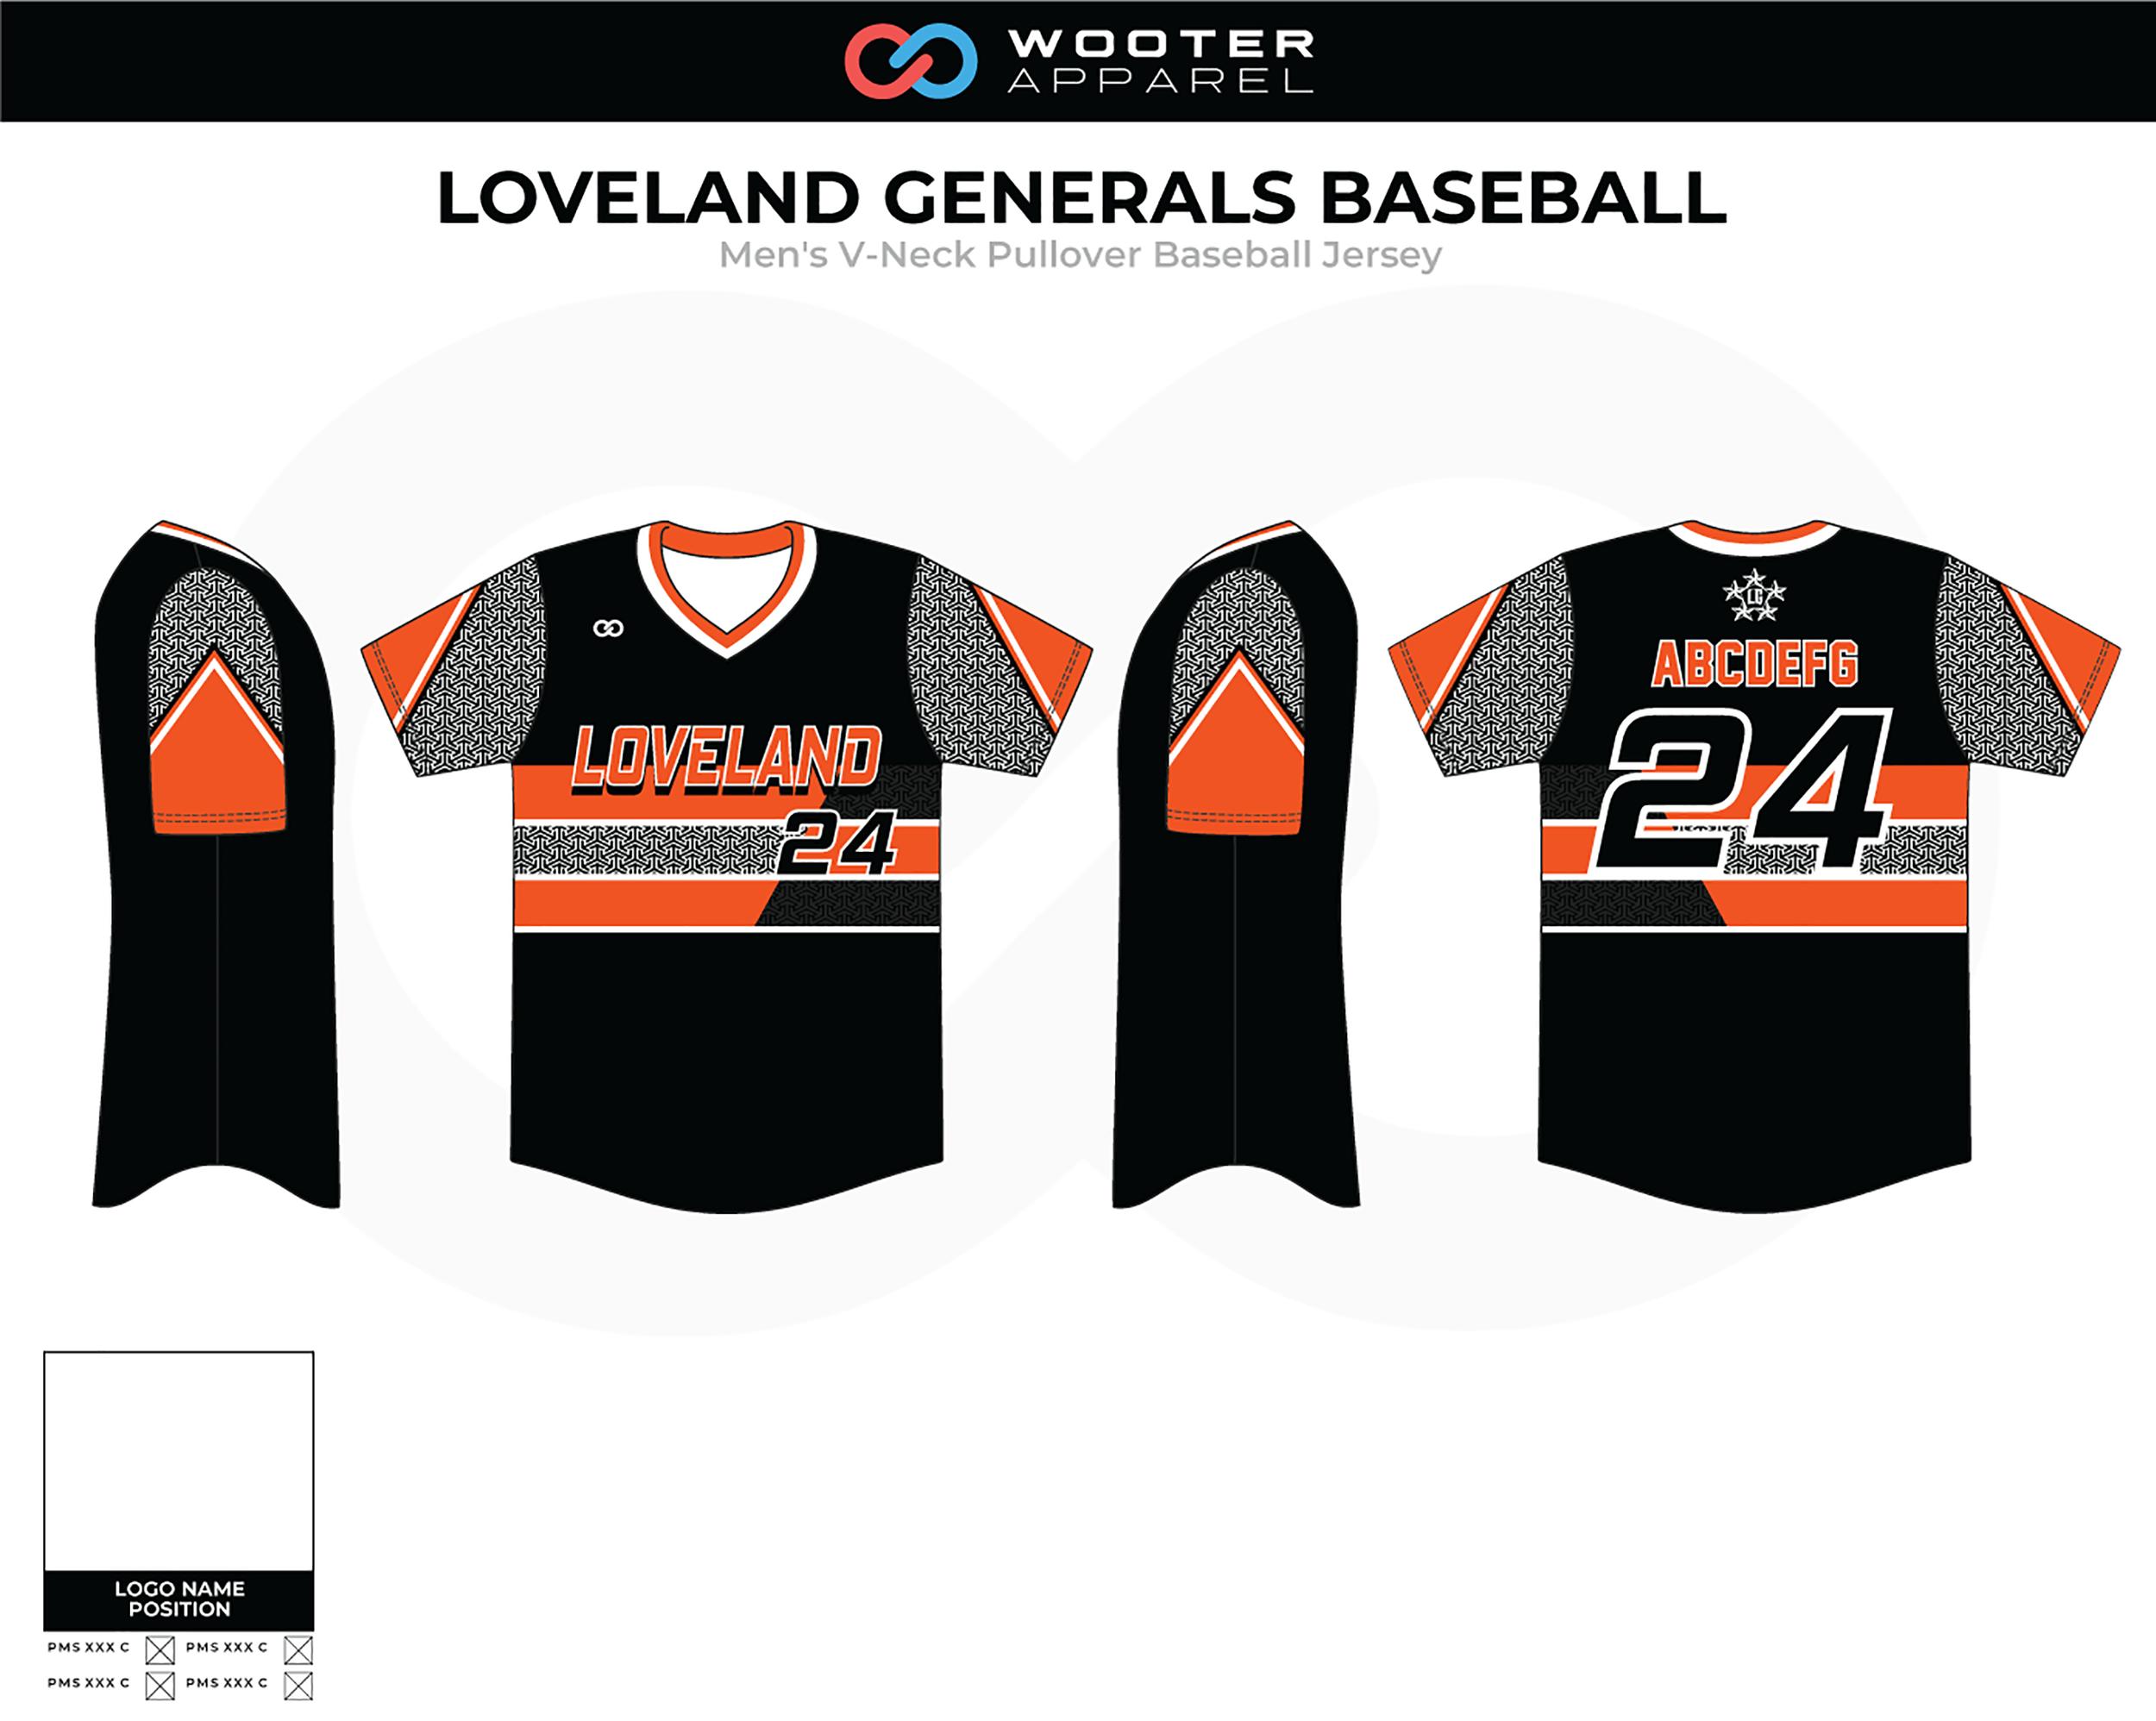 LovelandGeneralsBaseball_MockupV4.png